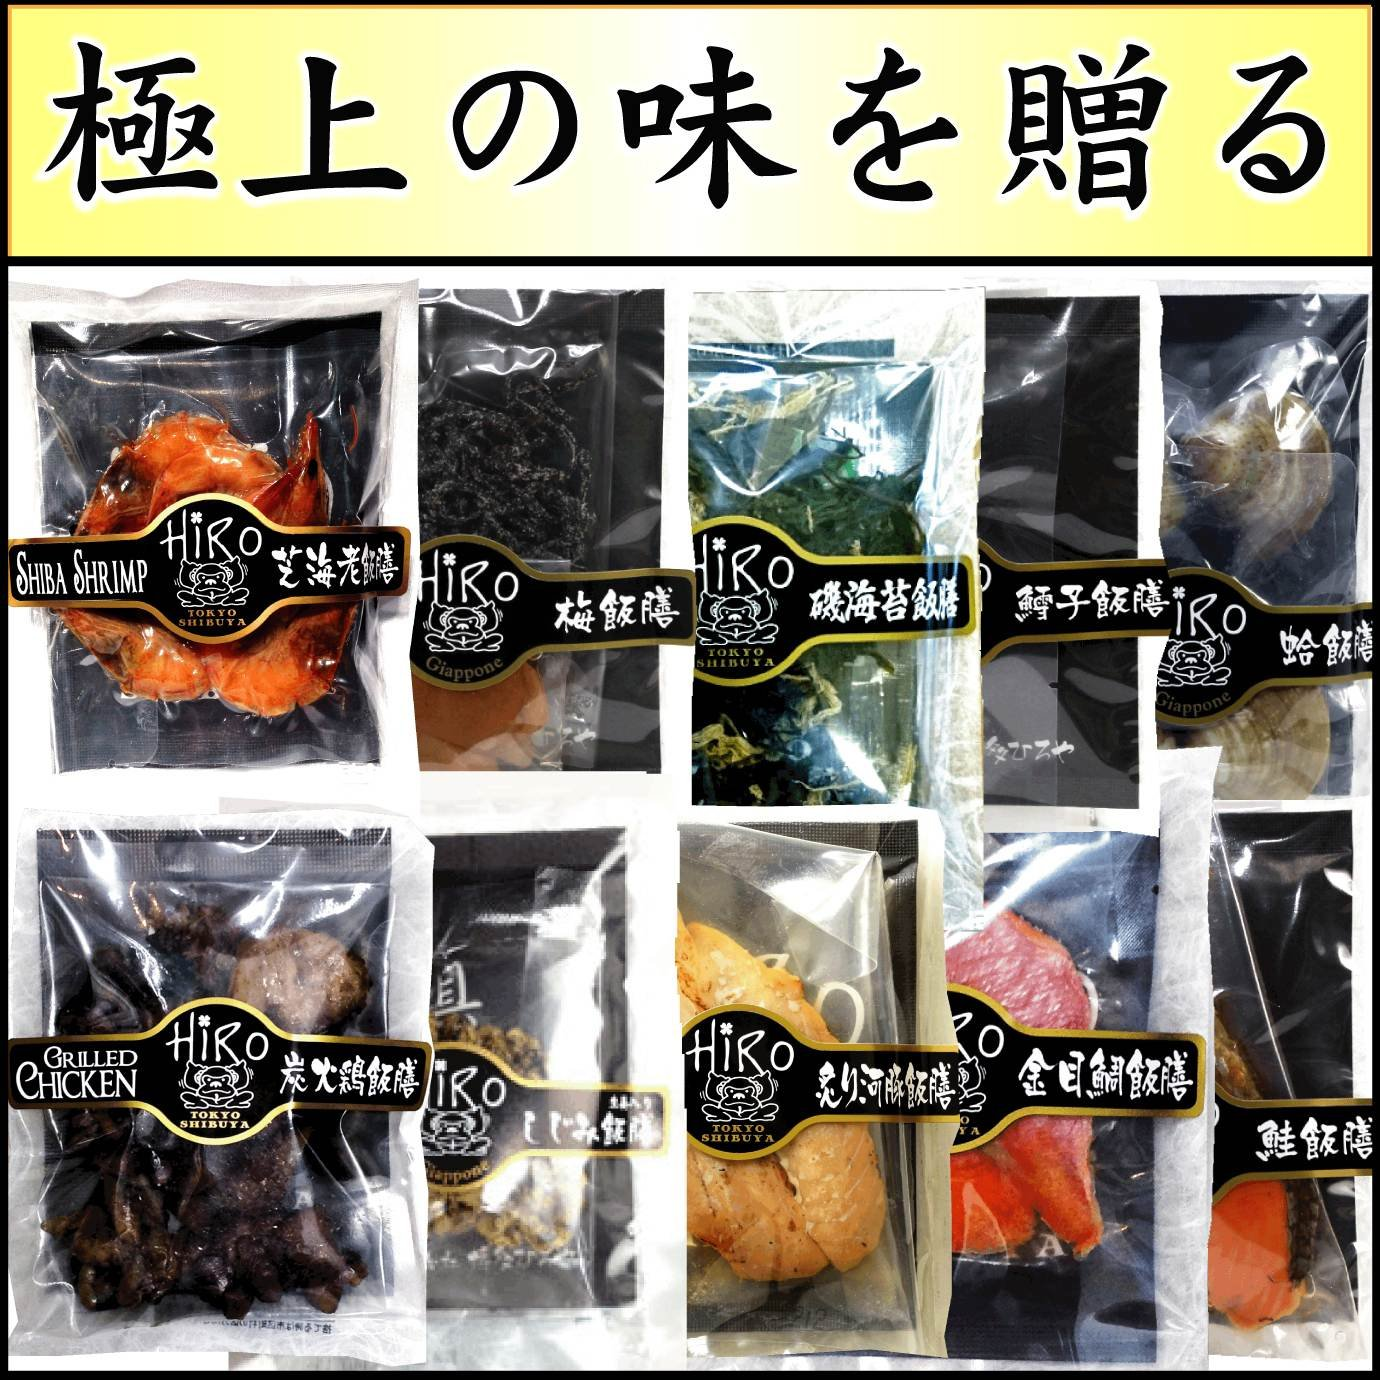 巣鴨のお茶屋さん山年園その他 高級お茶漬け 全10種類セットの画像